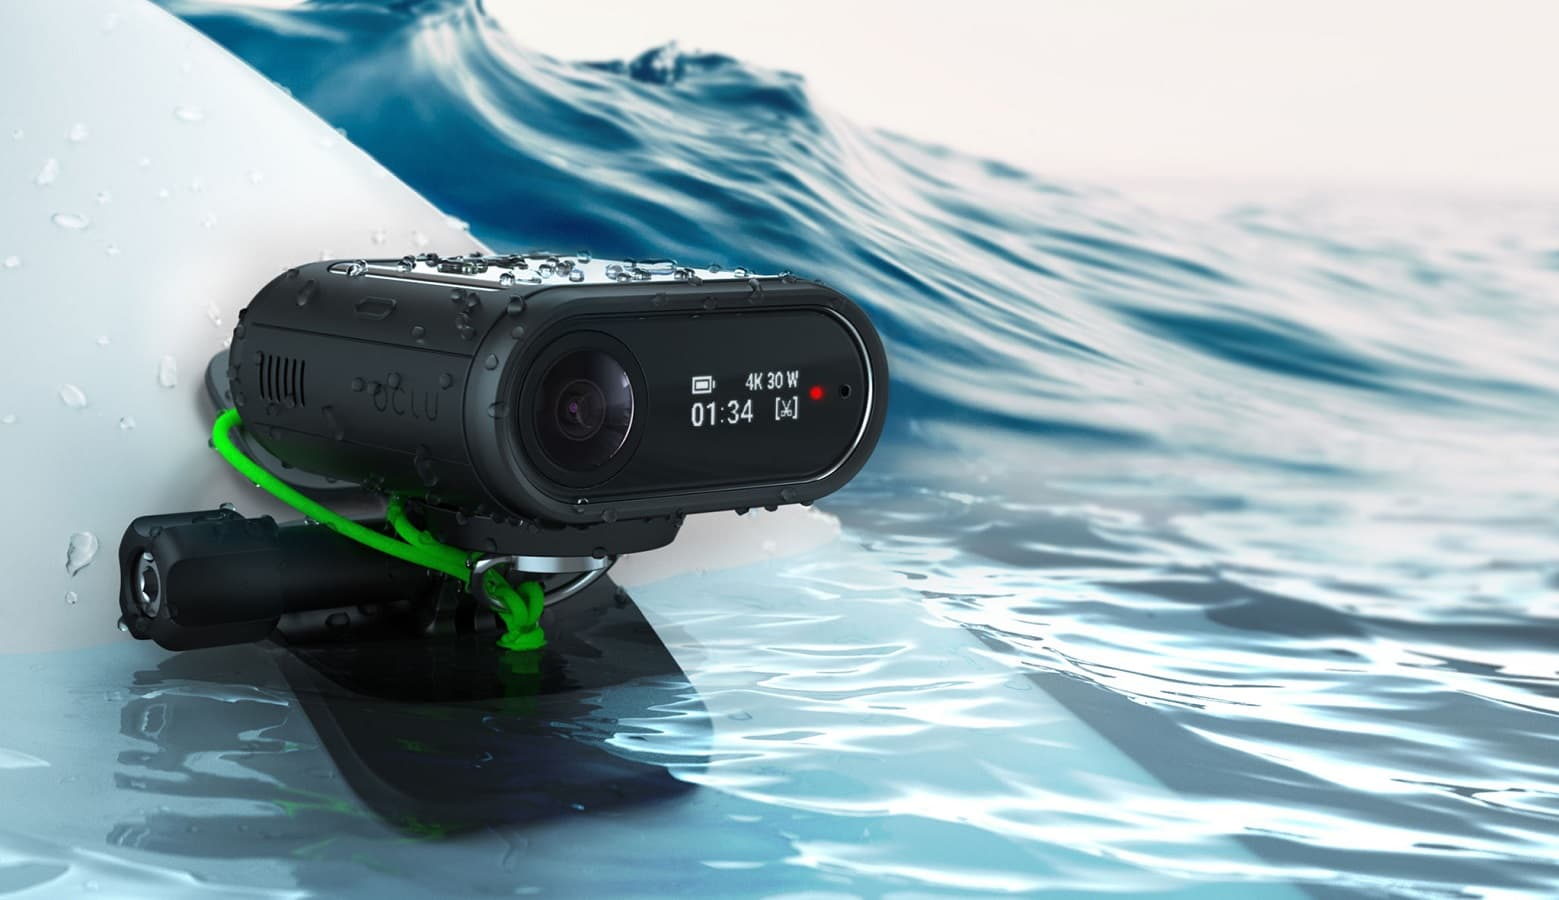 oclu action camera on surf board